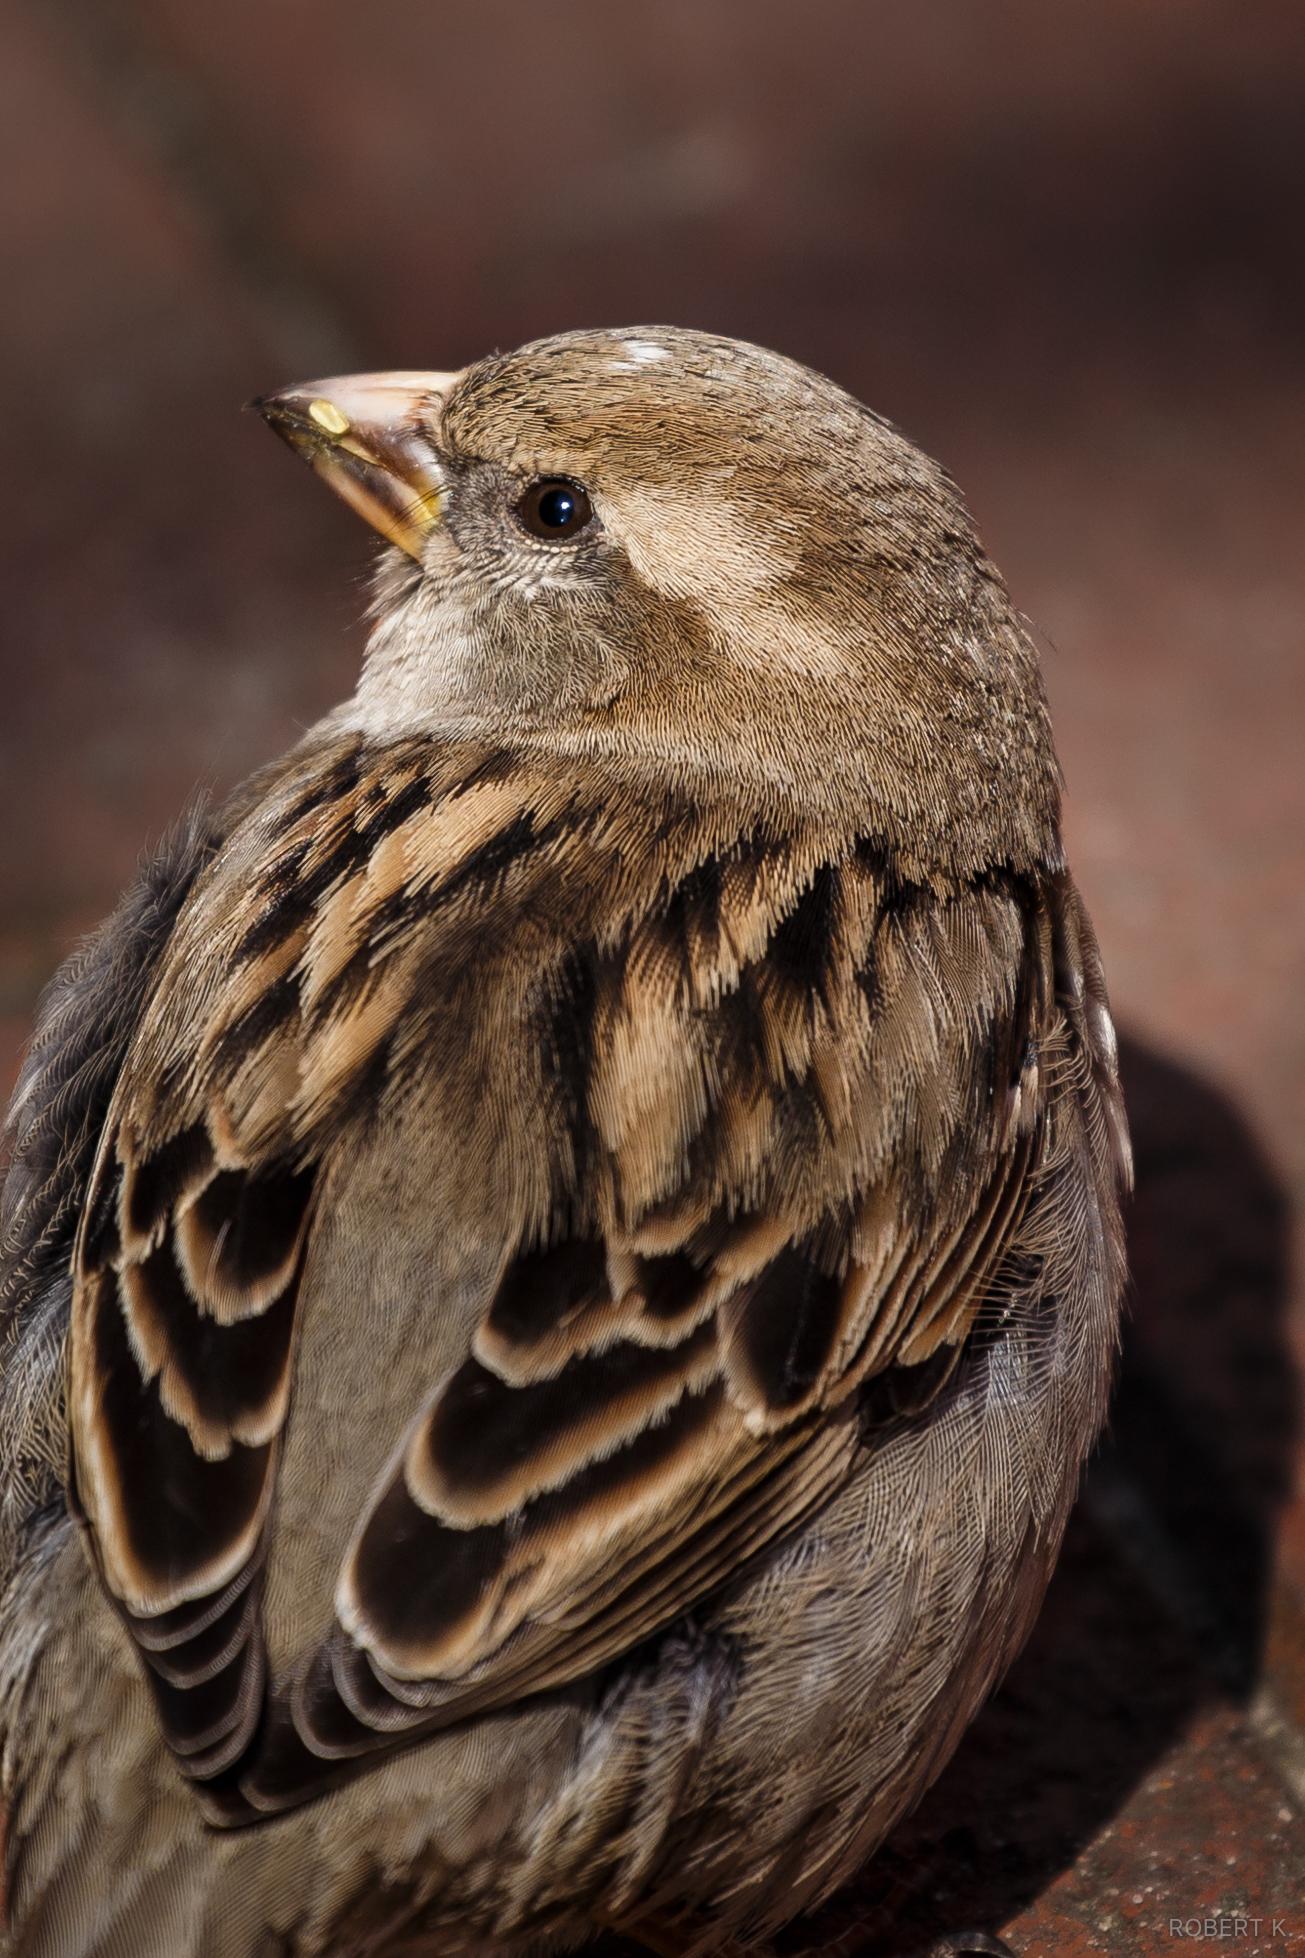 An easy bird photo.  Canon 6D,300mm,ƒ/5.6,1/400s,ISO 100